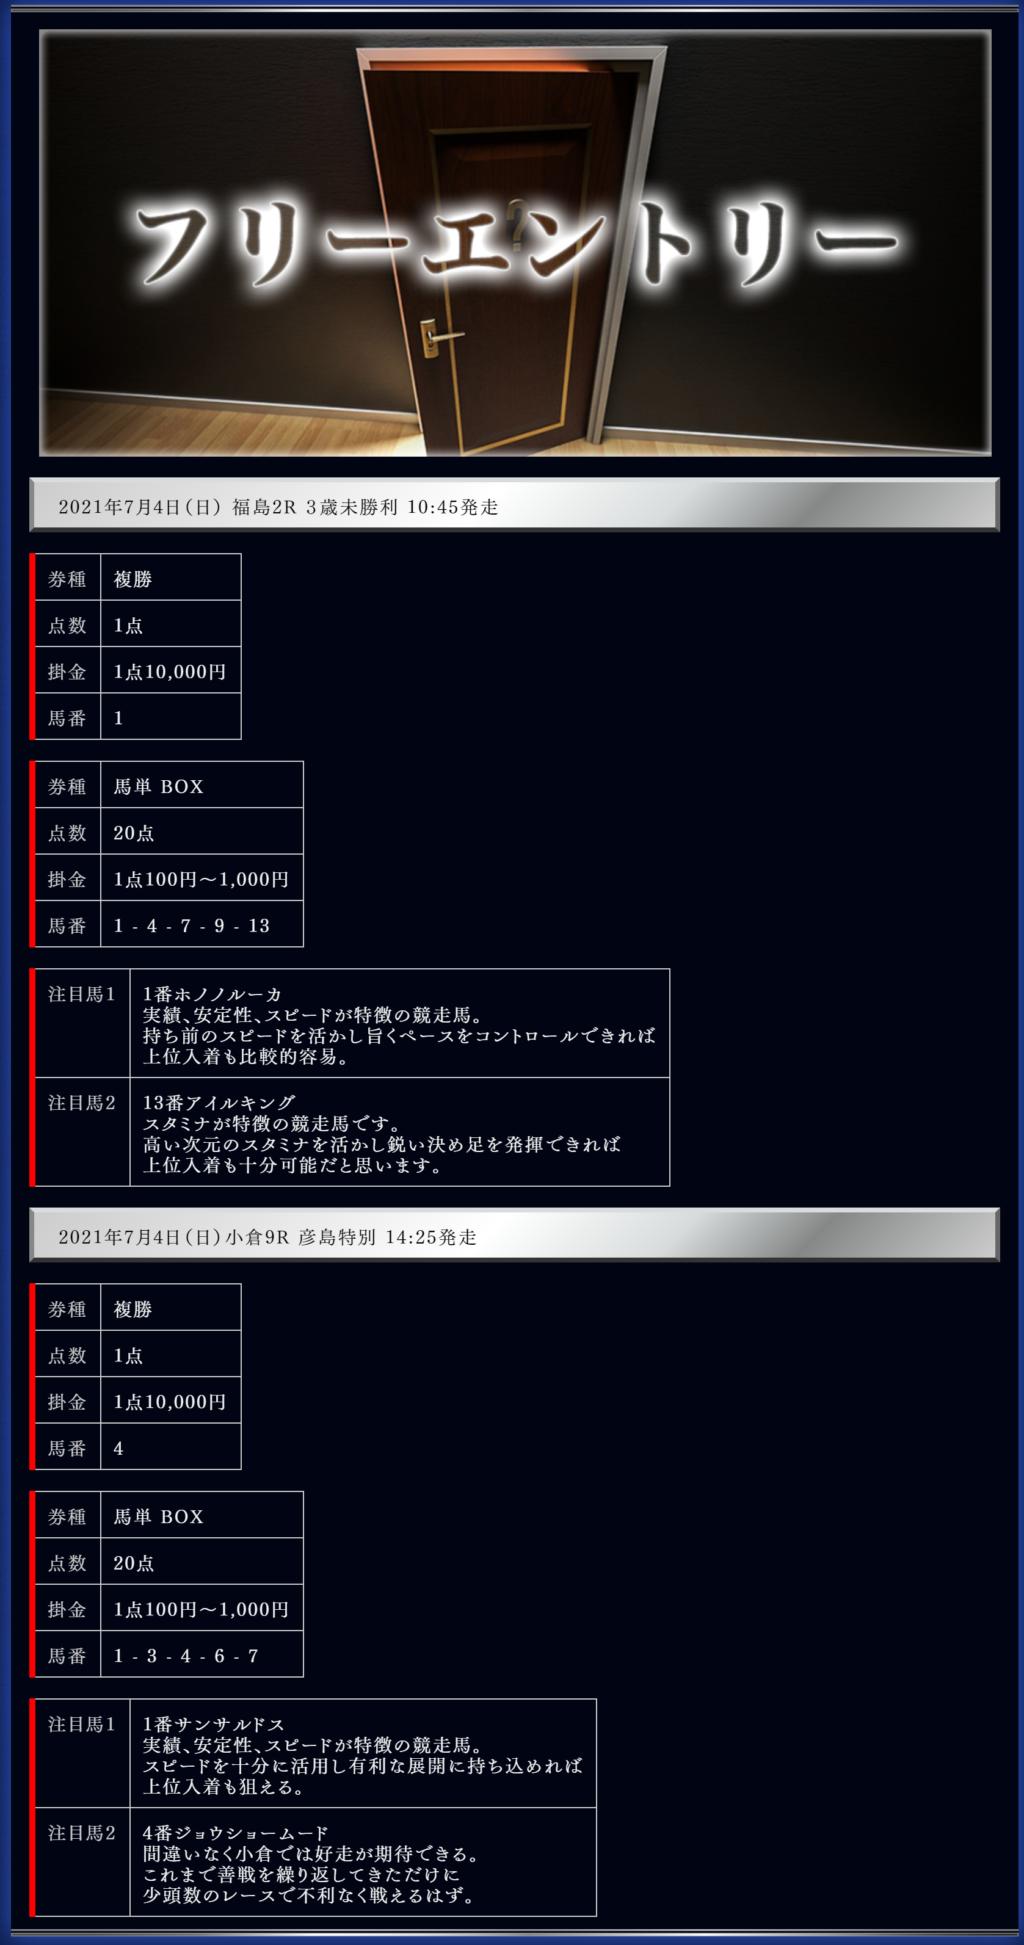 競馬予想サイトのEDGE(エッジ)の無料情報7月4日福島競馬場2R、小倉9R無料予想検証結果